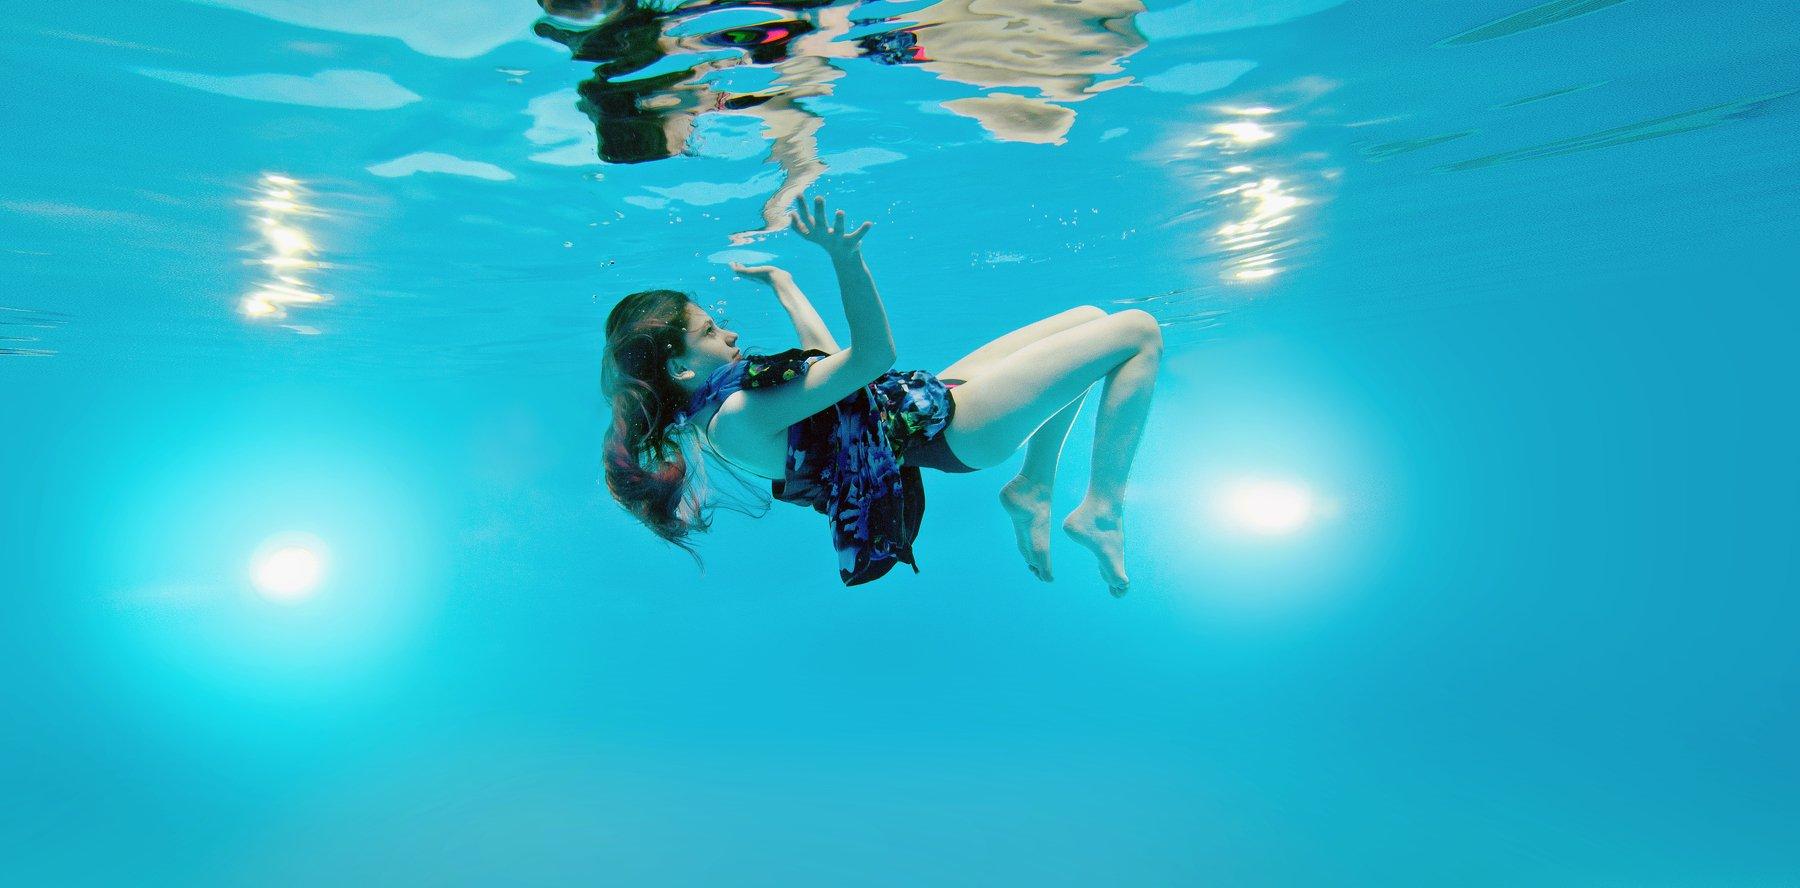 водой, Невесомость, Отражение, под, Подводная съемка, Подводная фотография, Владимир Яковенко